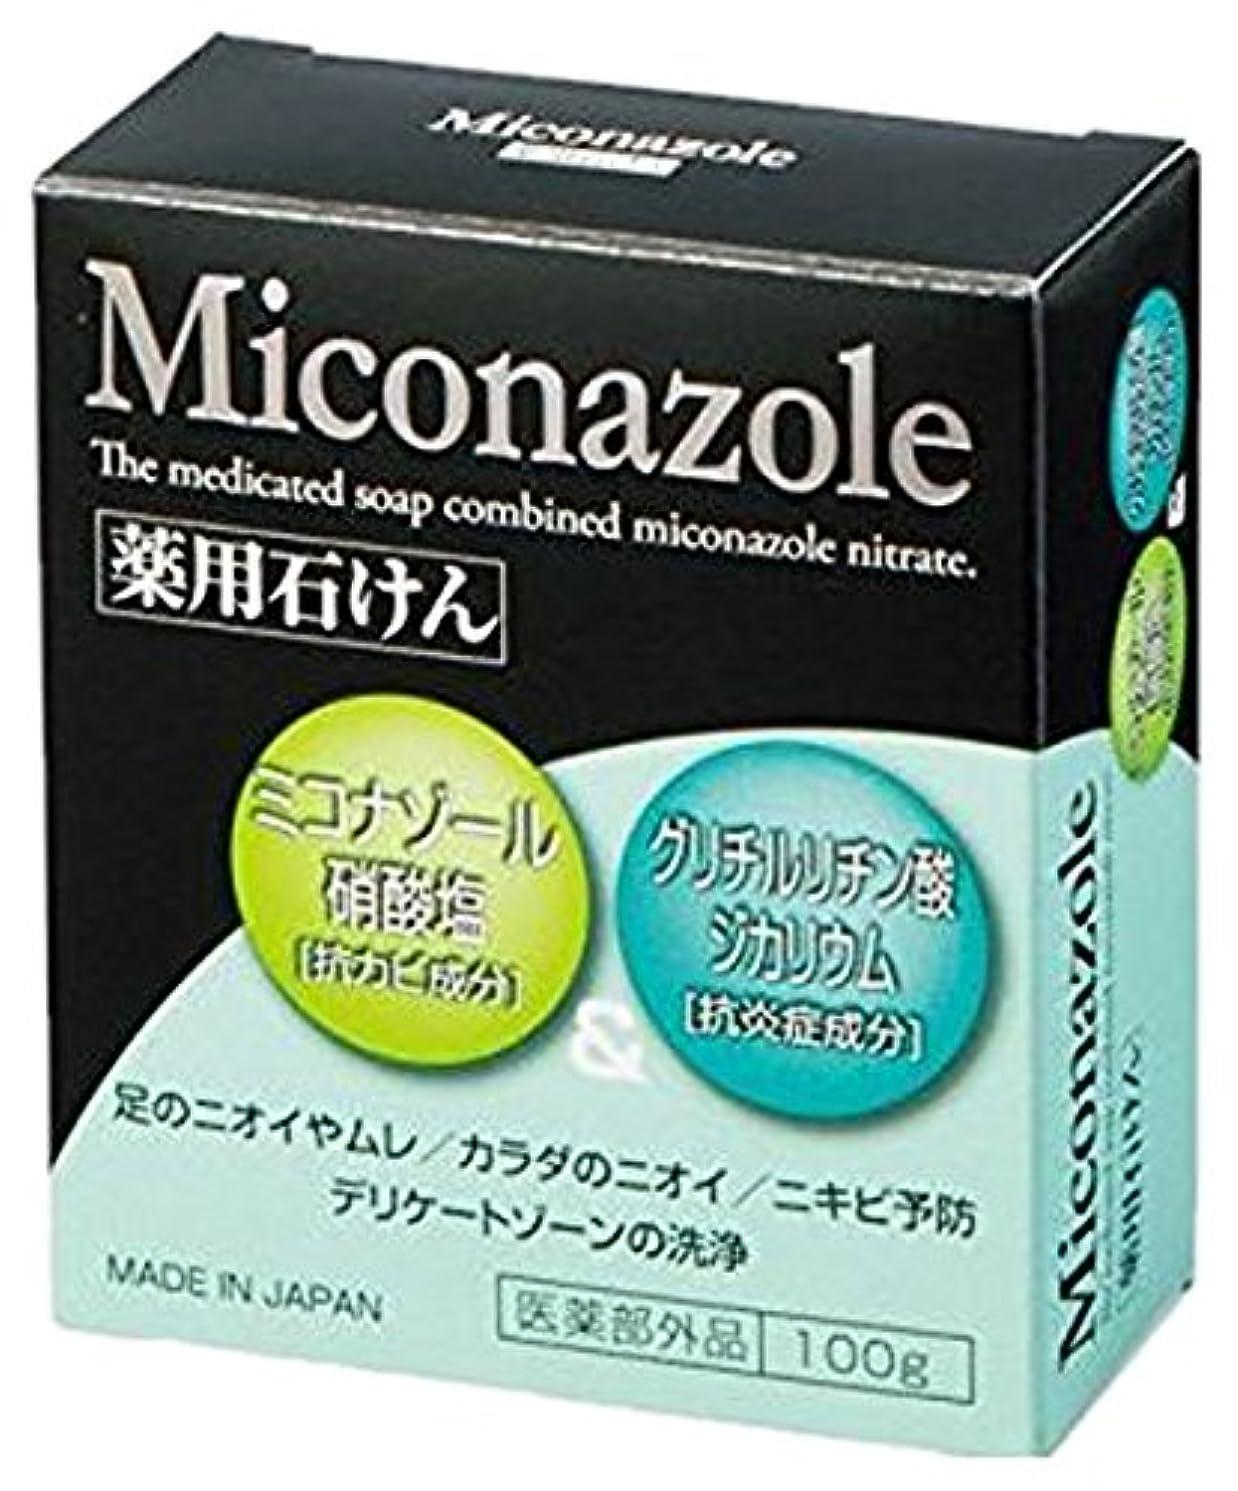 困ったスリム確かに白金製薬 ミコナゾール 薬用石けん ココデオード 100g [医薬部外品]